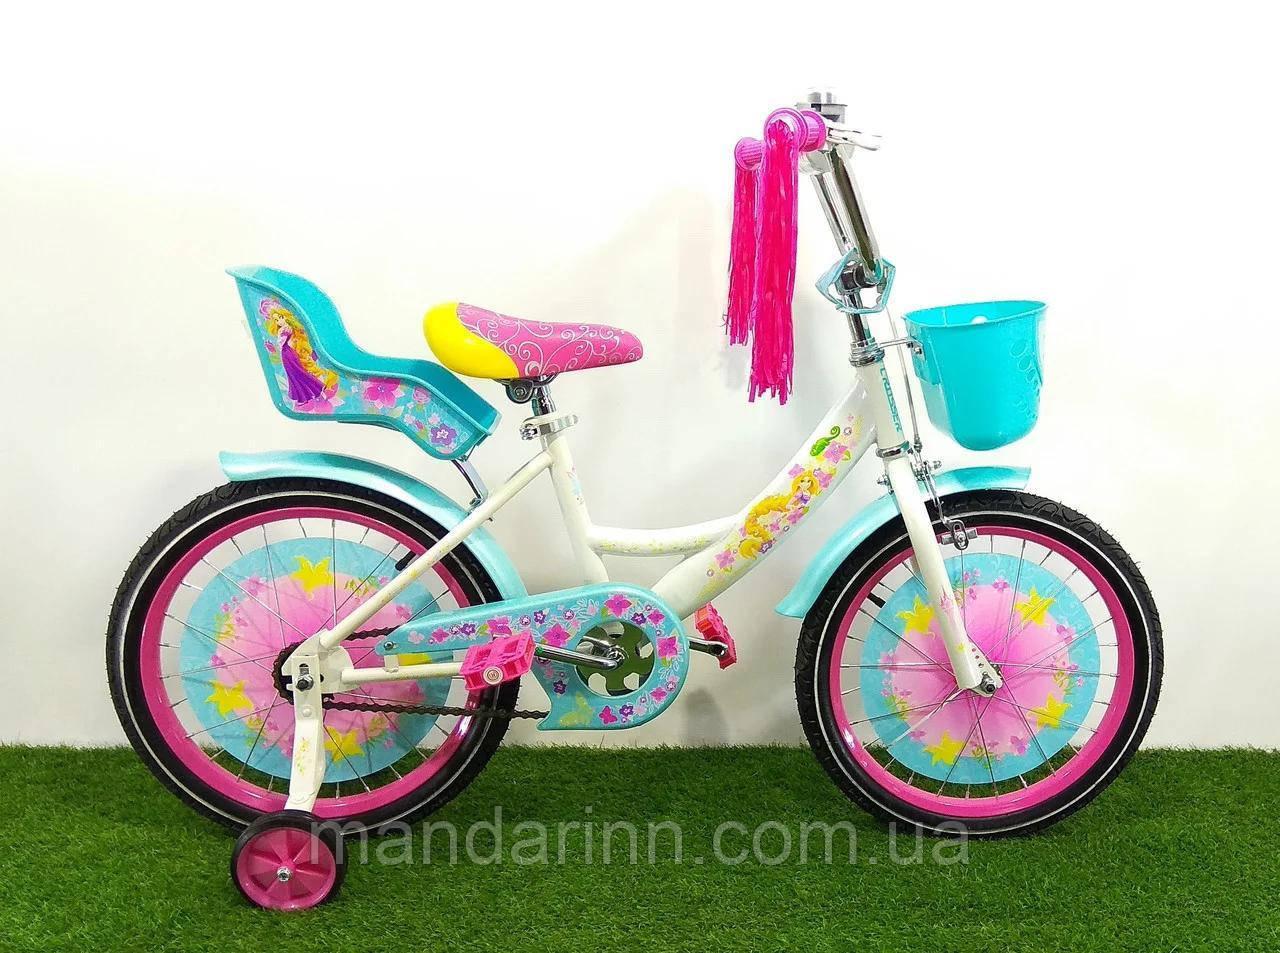 Детский велосипед GIRLS 14 дюймов. Бирюзовый.